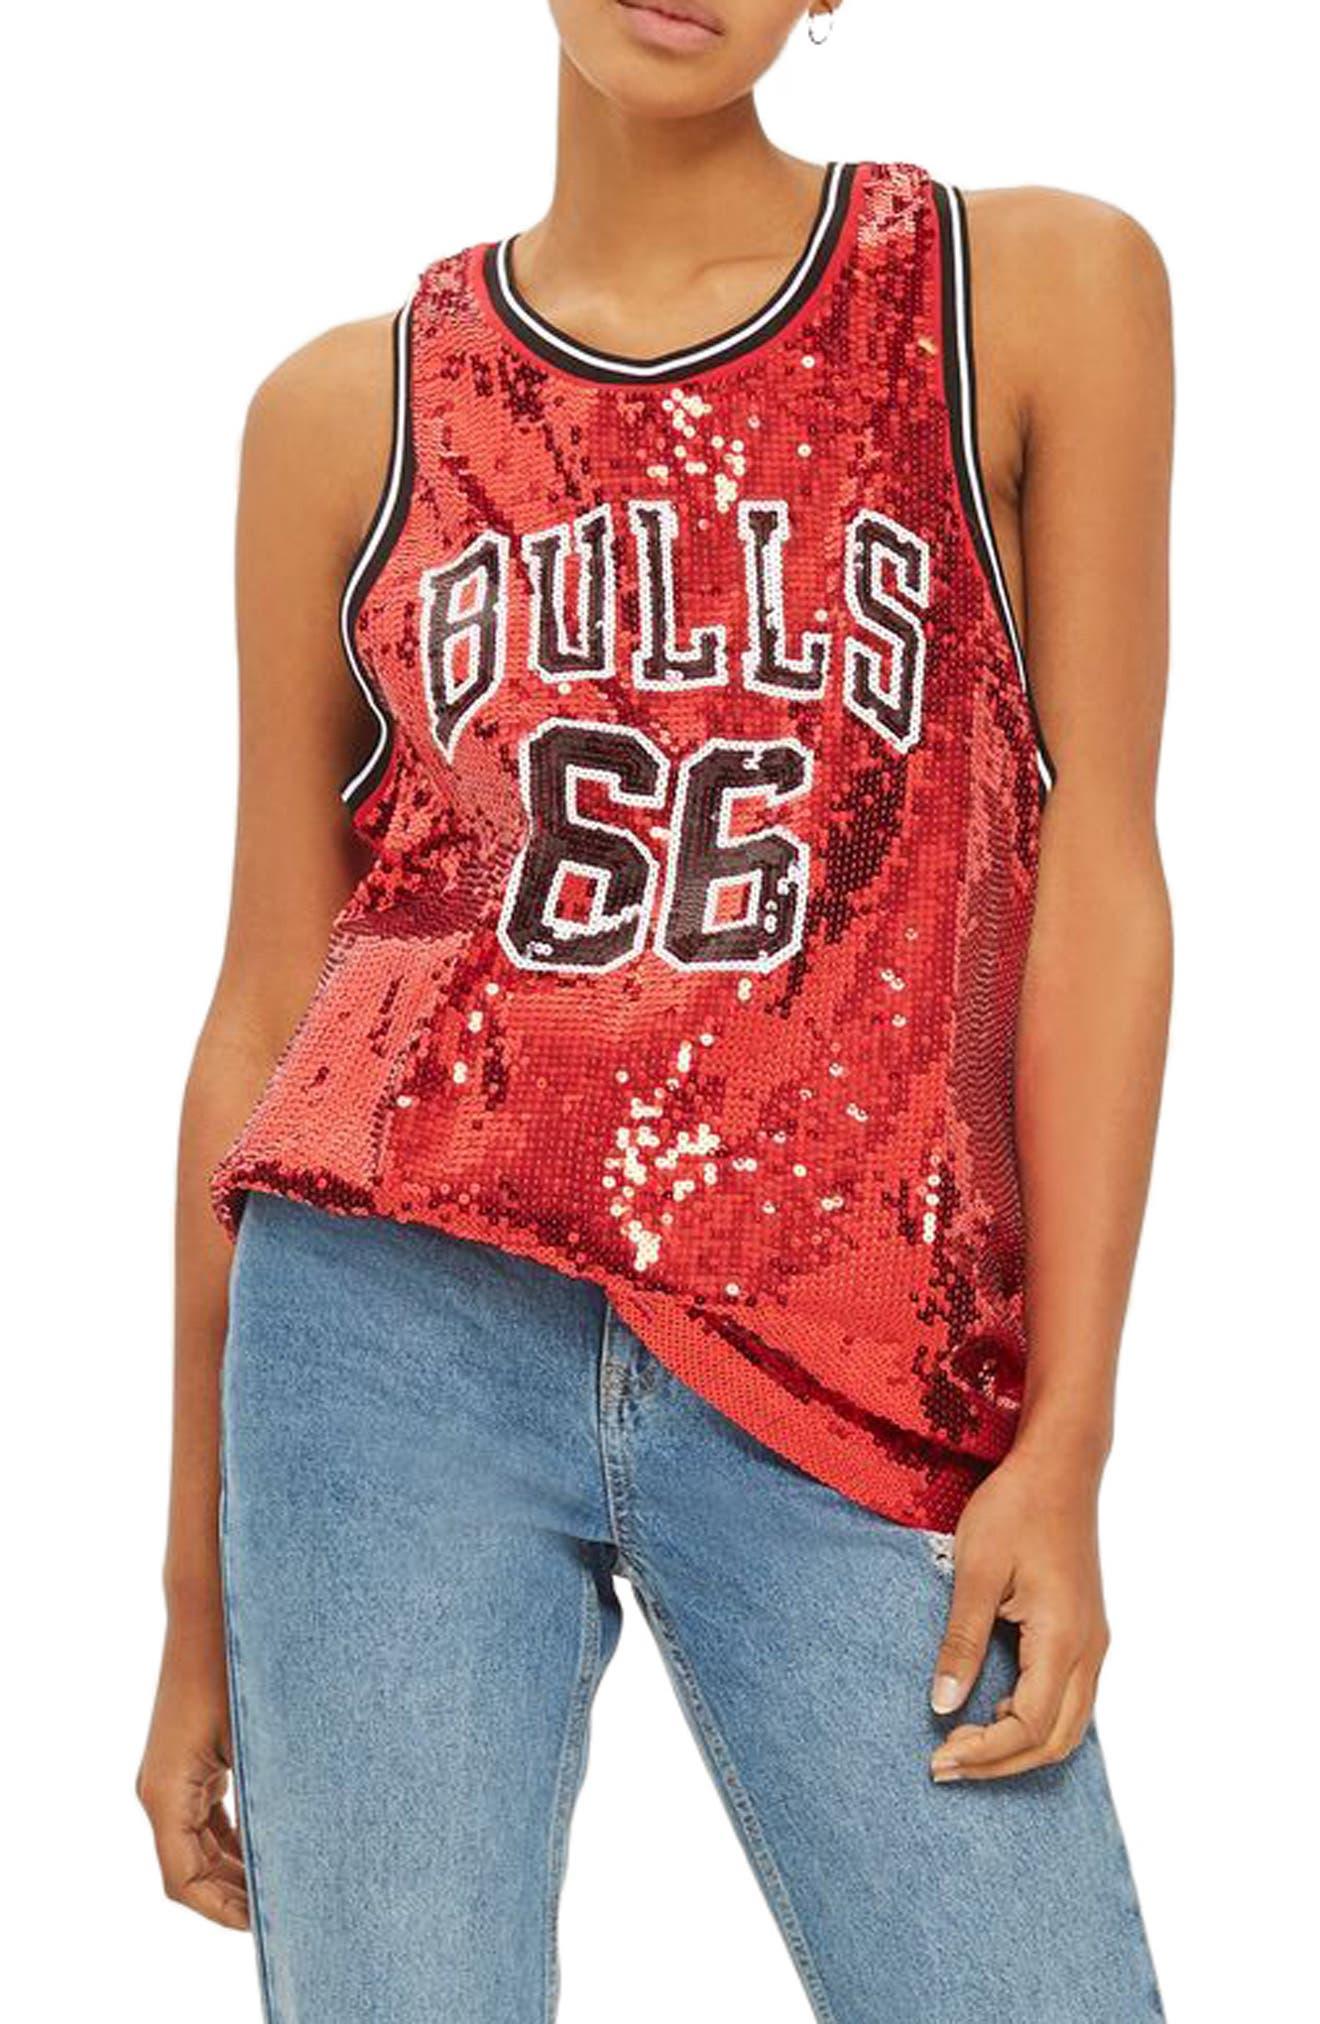 Topshop x UNK Chicago Bulls Sequin Jersey